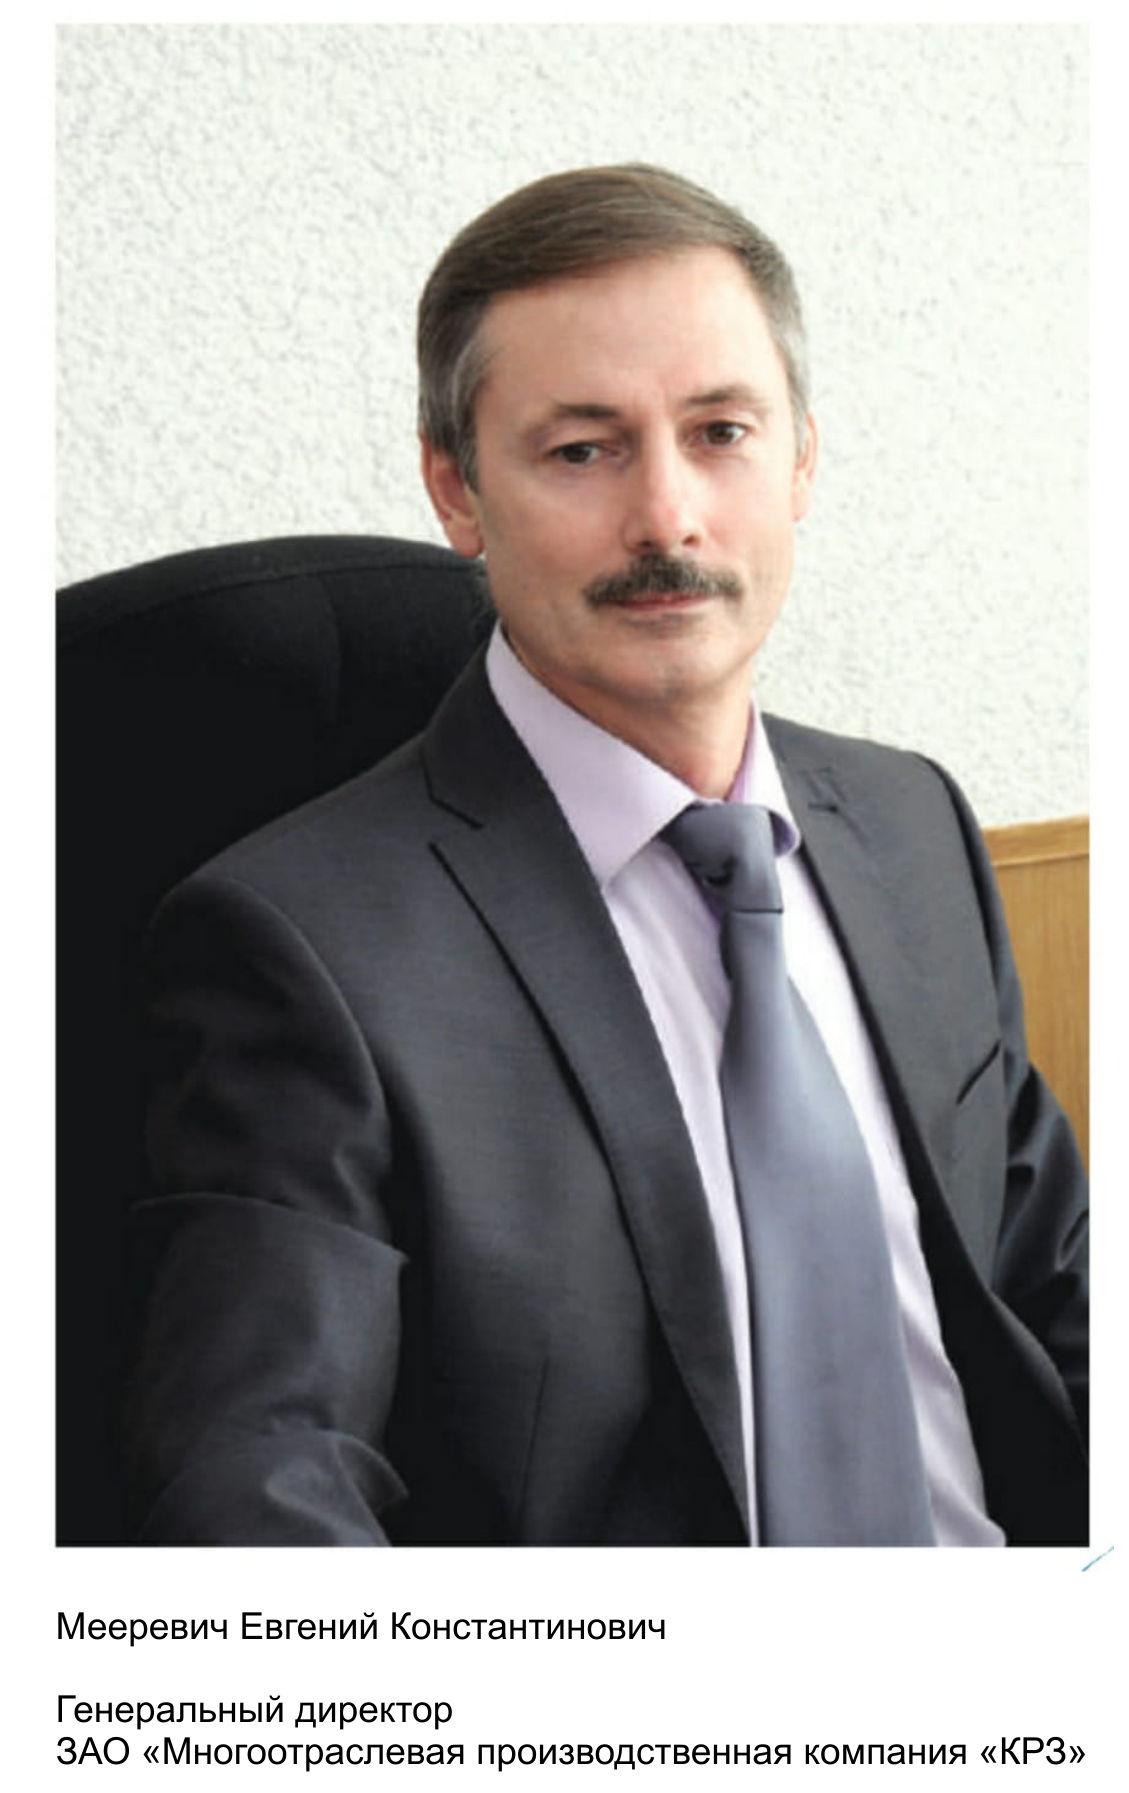 Генеральный директор  ЗАО «Многоотраслевая производственная компания «КРЗ»